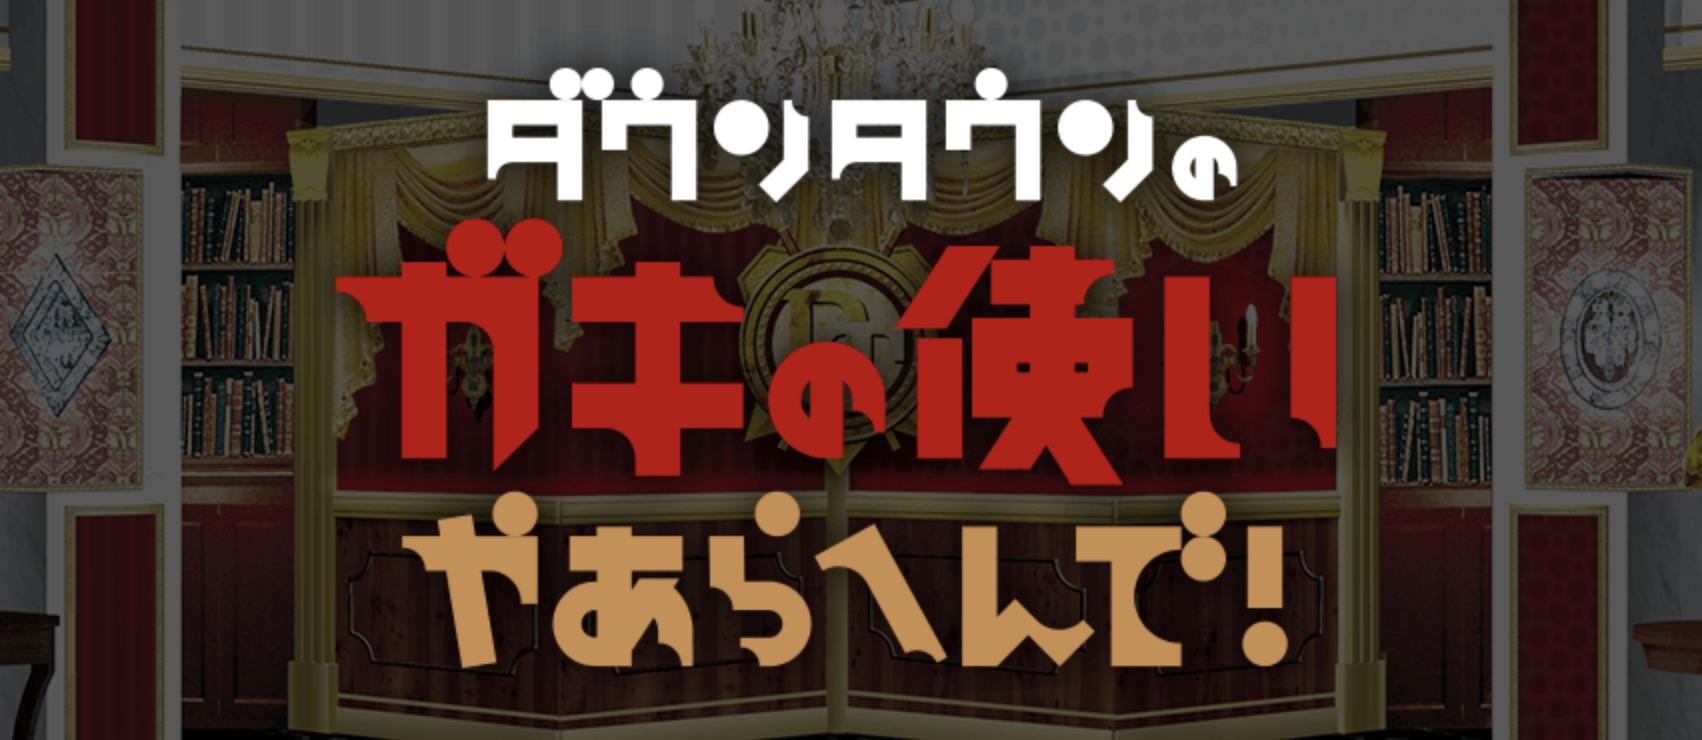 ガキ使(8歳なりきり)10月4日の無料動画や見逃し配信をフル視聴する方法!